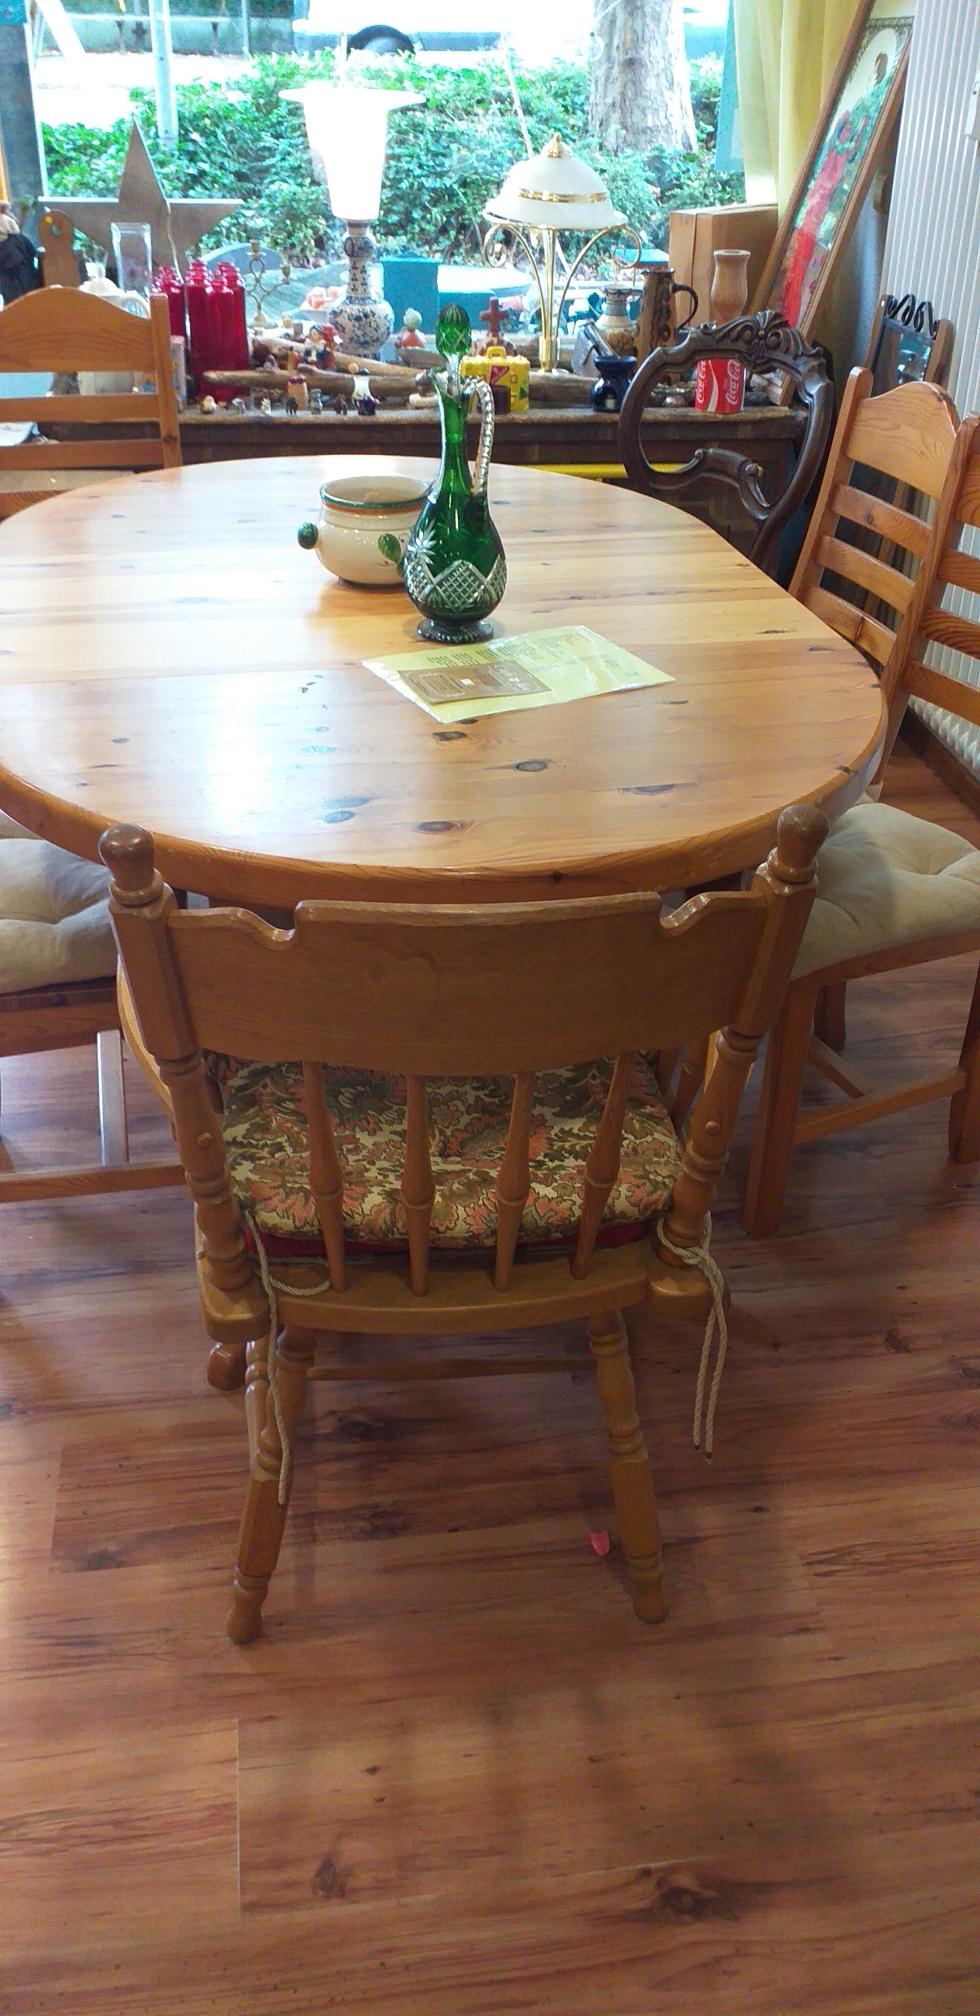 Café Lindau - Café Live in Lindau - Holztisch mit Holzstühlen und Vase lädt zum Kaffeetrinken in Lindau ein